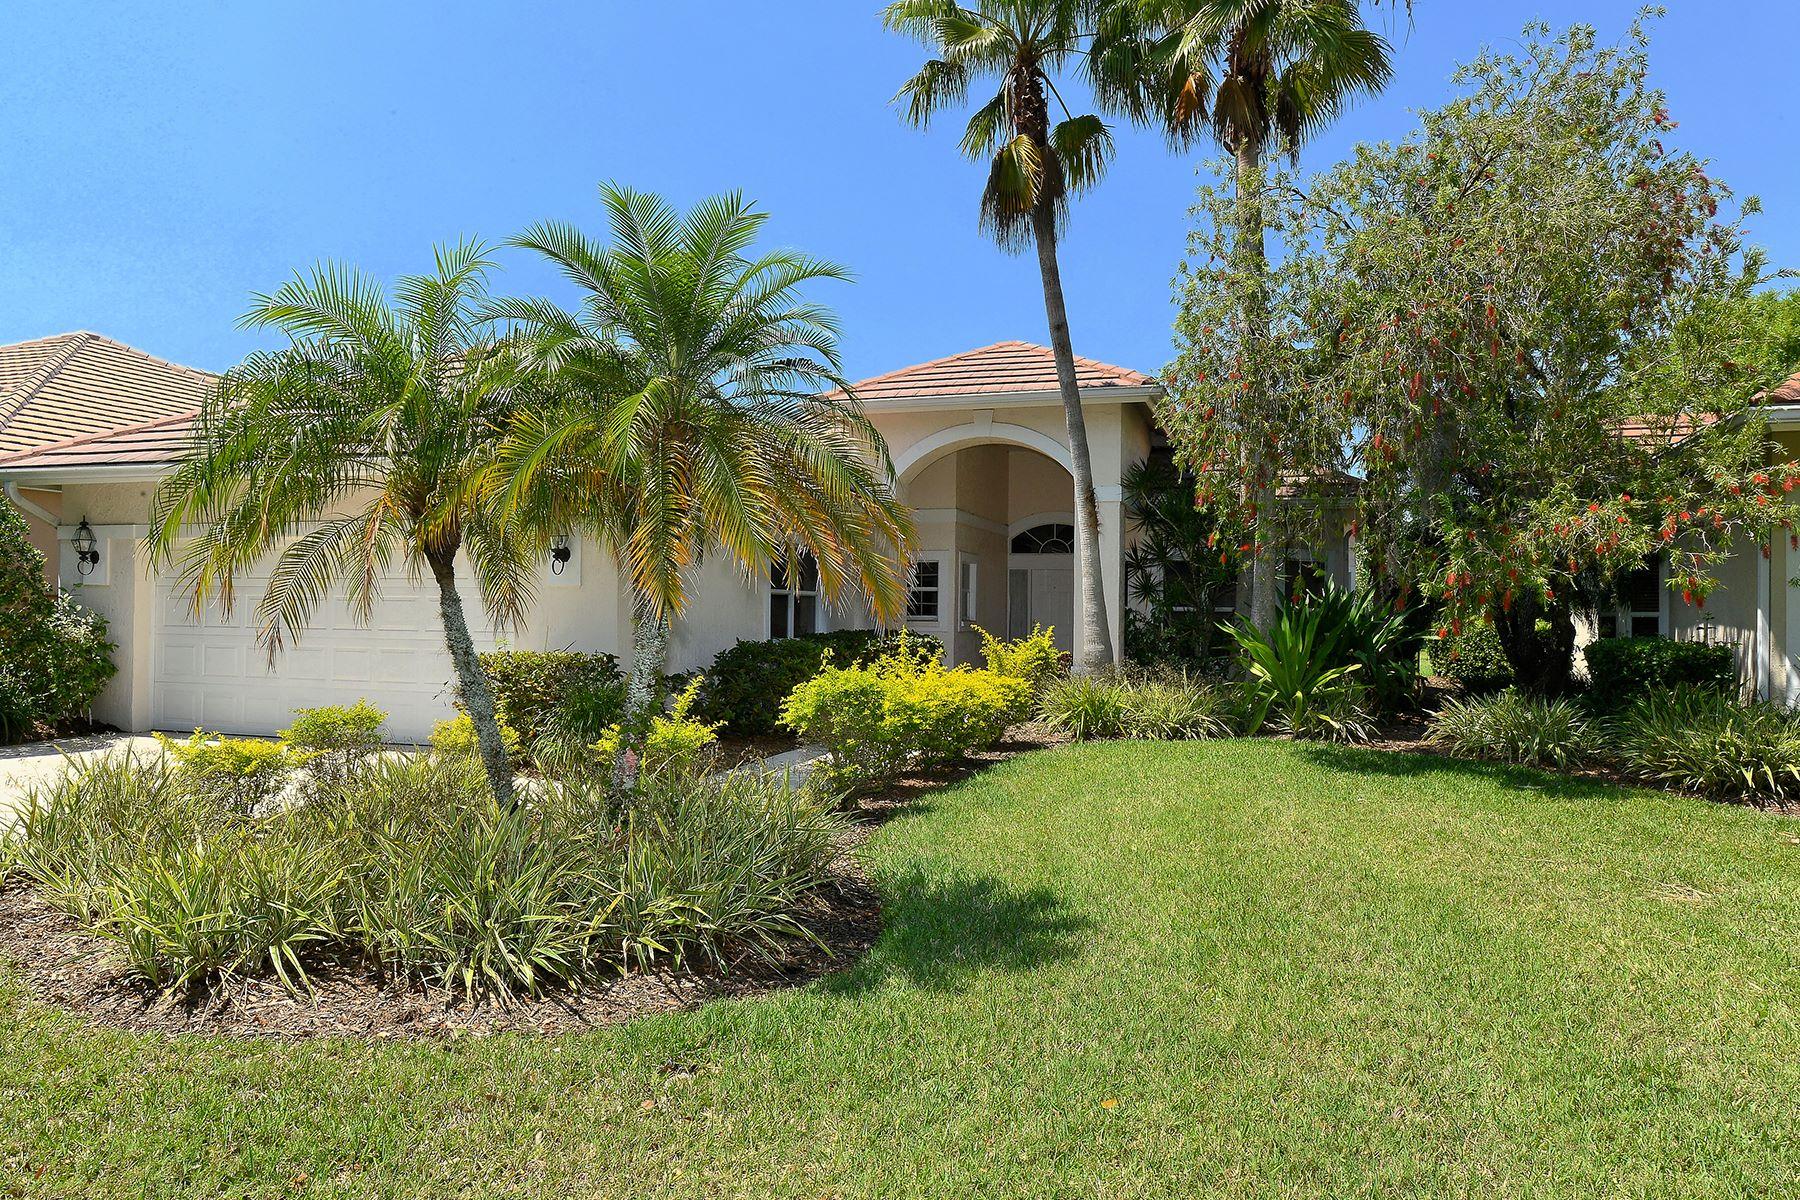 Propiedad en venta Sarasota